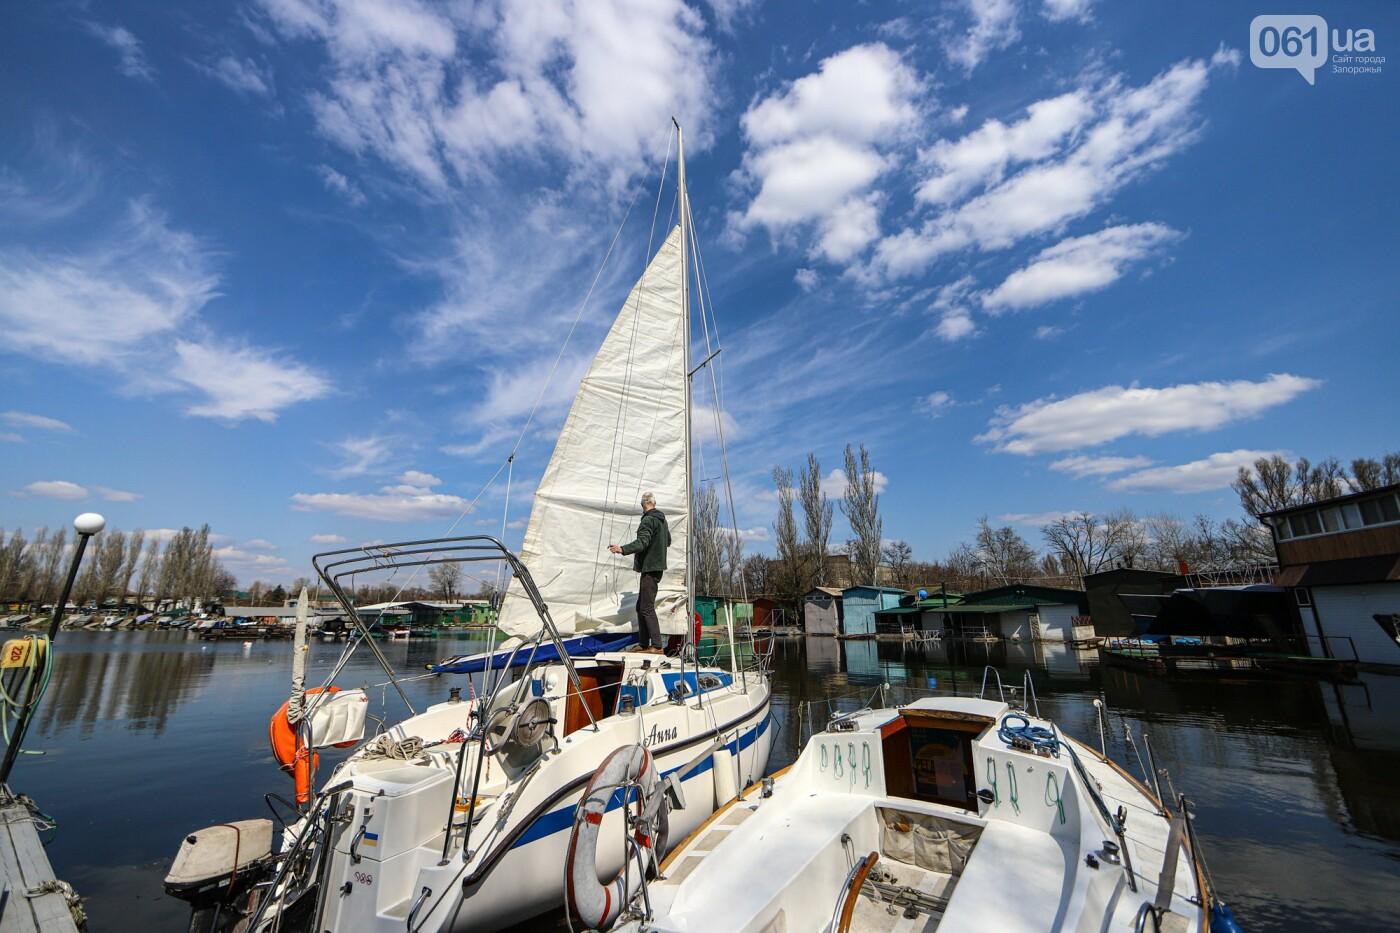 «Семь футов под килем!»: как в запорожском яхт-клубе спускали судна на воду, - ФОТОРЕПОРТАЖ , фото-58